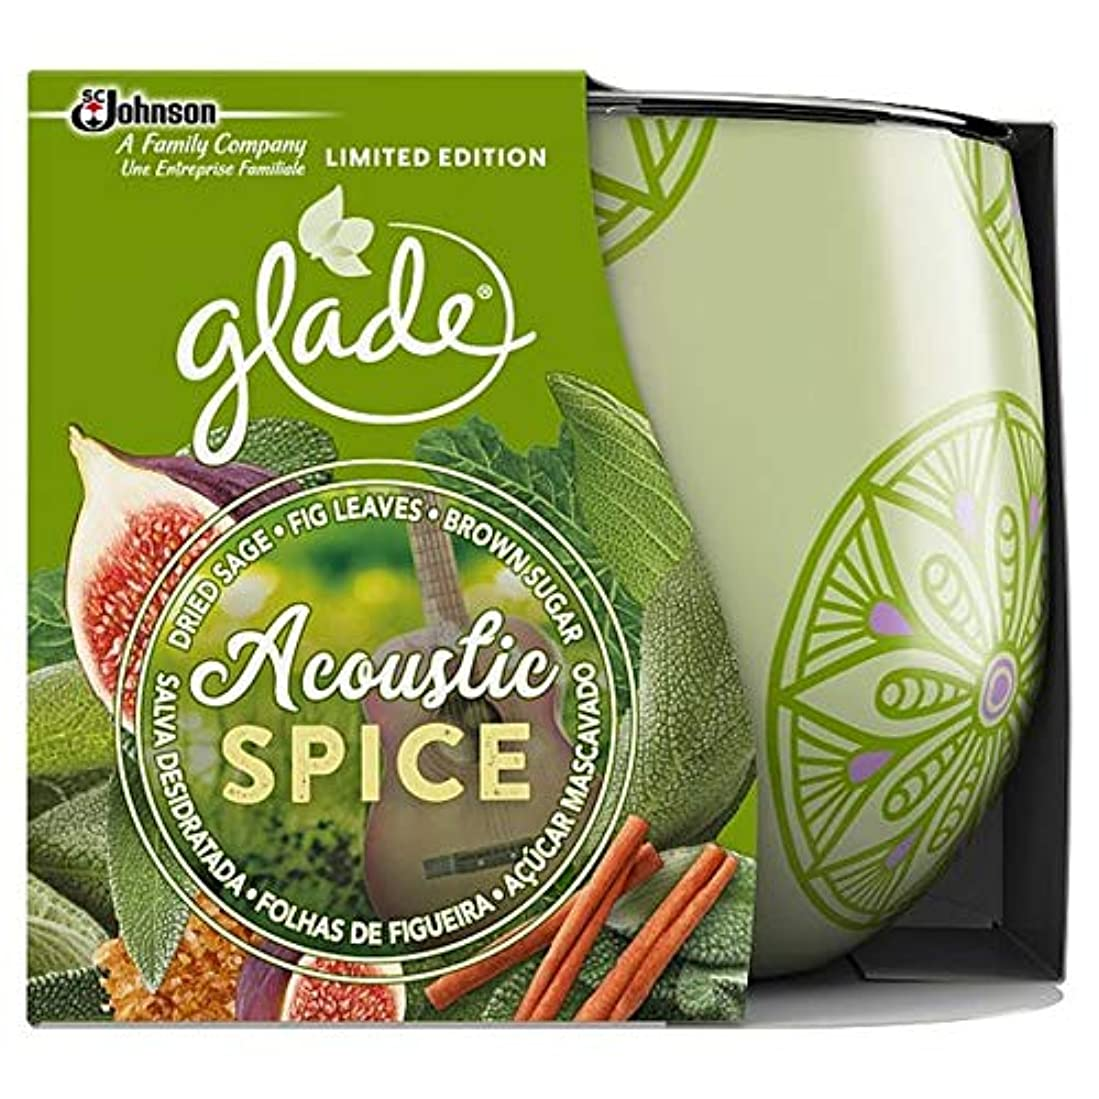 全国爆発物告発[Glade ] 音響スパイスキャンドル120グラムを空き地 - Glade Acoustic Spice Candle 120G [並行輸入品]